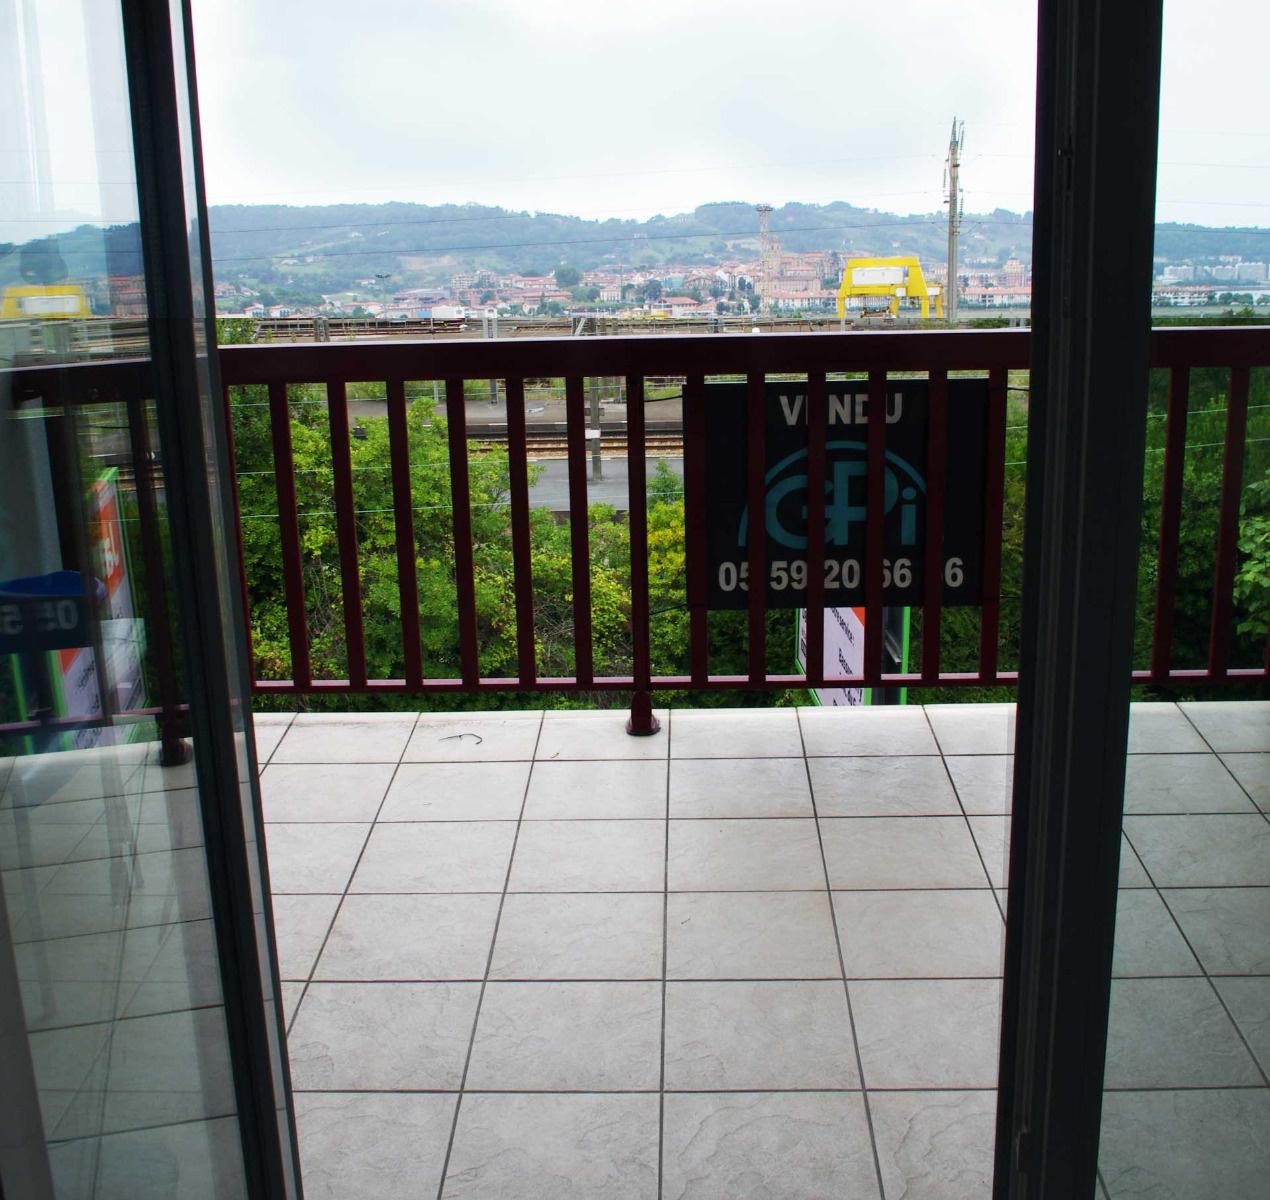 Vente achat f3 hendaye ville - Achat appartement hendaye ...